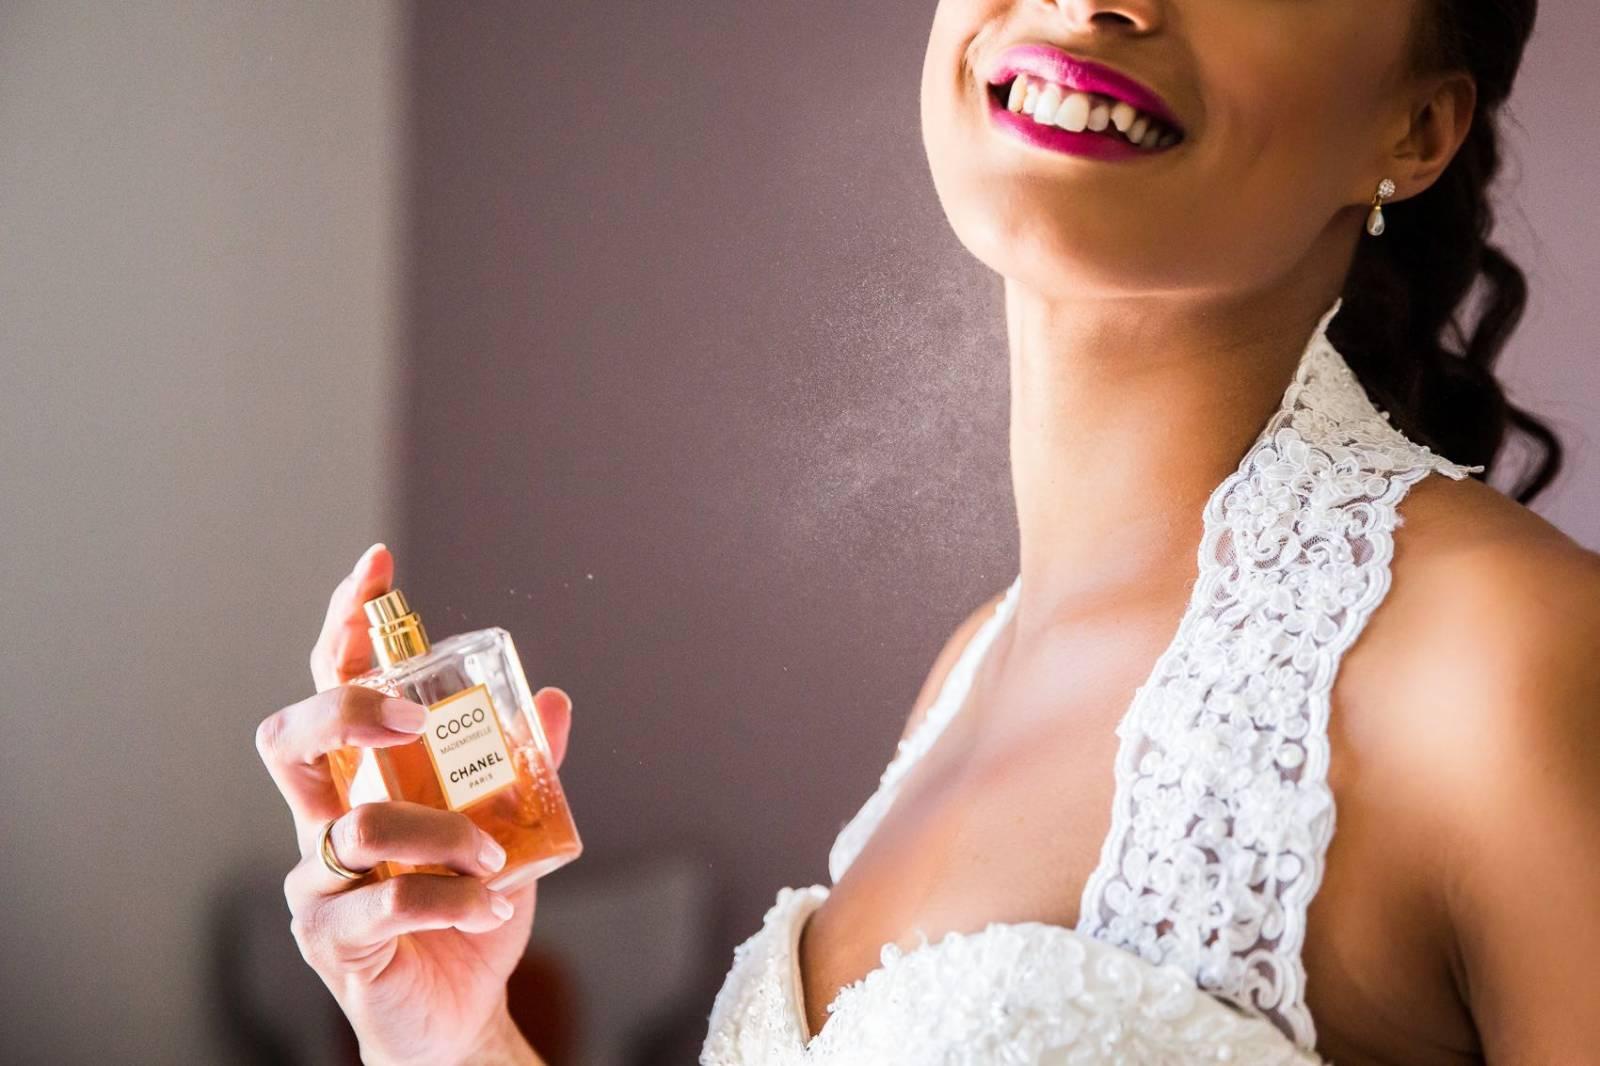 Cinderella Photographie - Trouwen in frankrijk - Huwelijksfotograaf - Trouwfotograaf - House of Weddings - 7